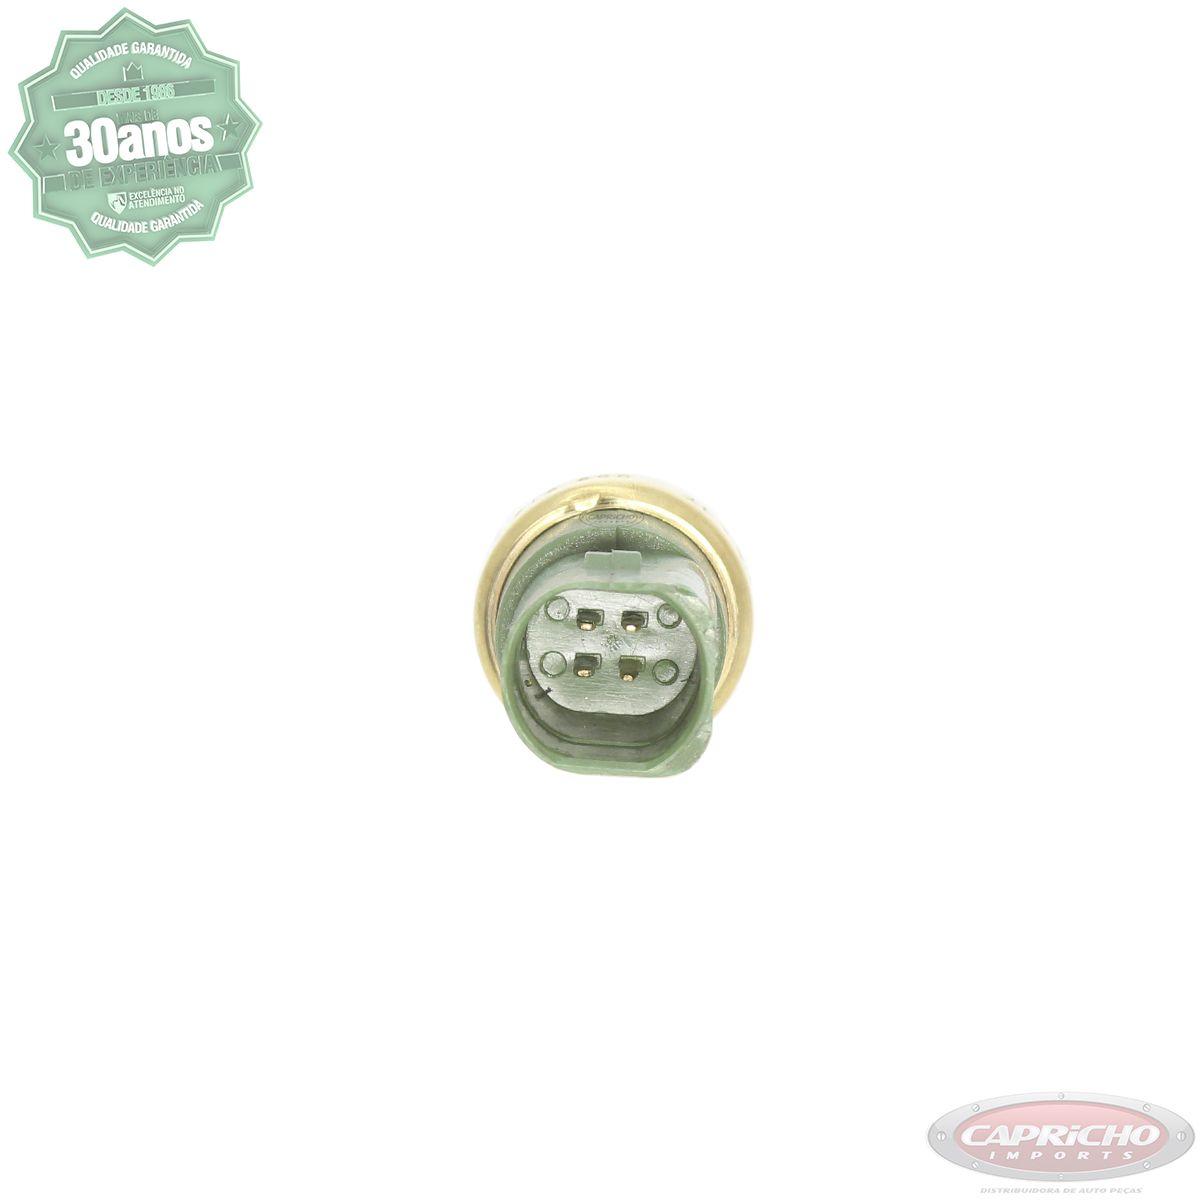 Sensor de Temperatura Original Volkswagen - Gol / Bora / Golf / Fox / Kombi / Passat / Parati / Saveiro + Anel Vedação d